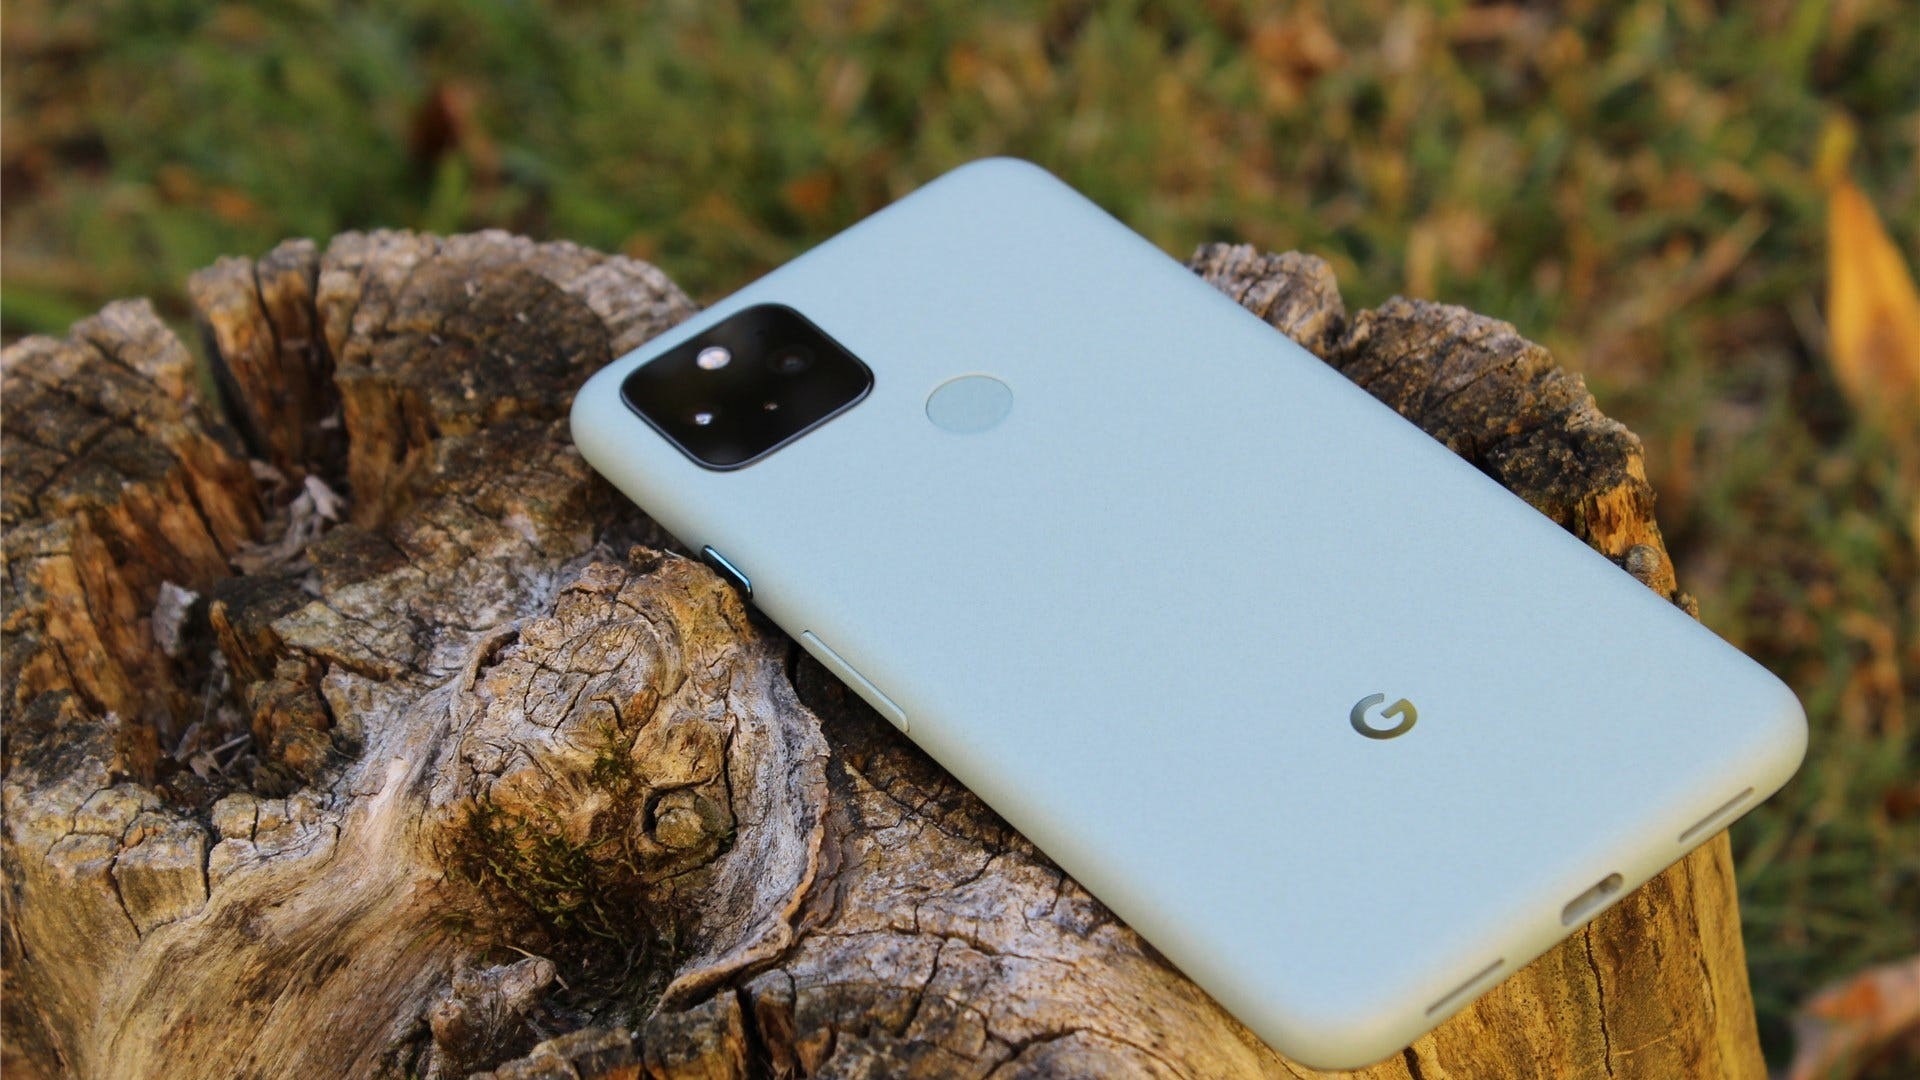 يرقد Sage Green Pixel 5 على جذع شجرة مع توجيه الشاشة لأسفل